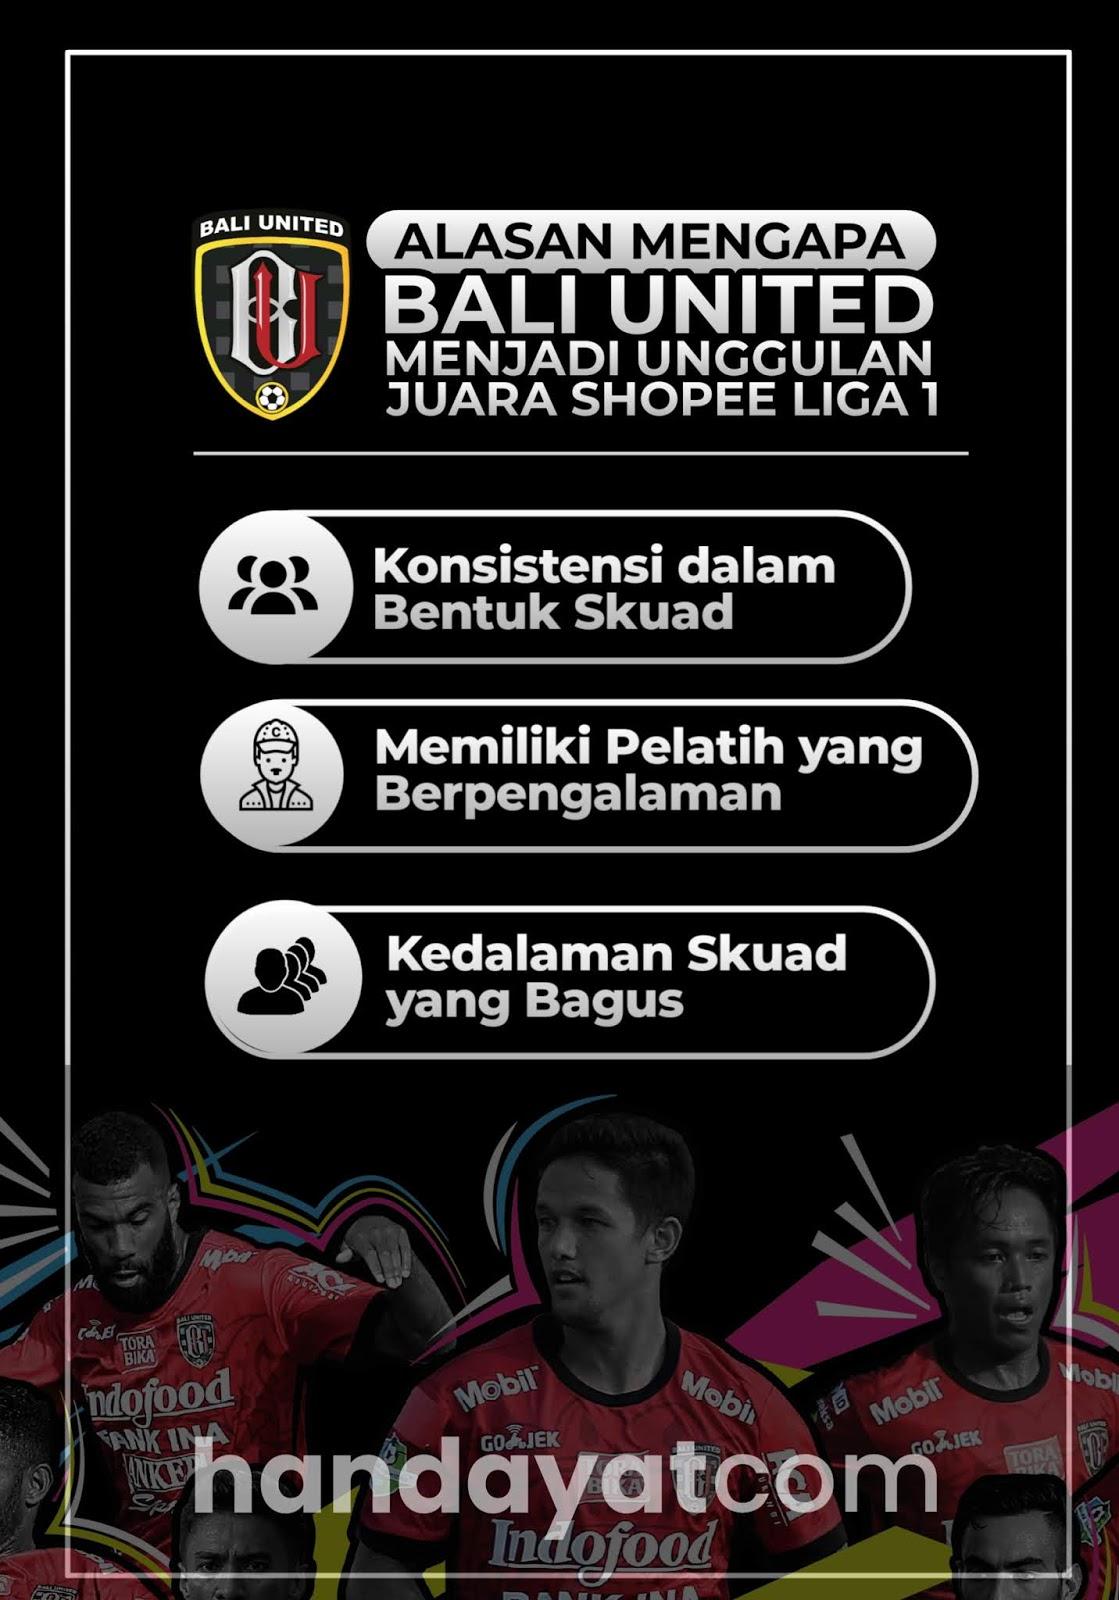 Mengapa Bali United Bakalan Juara?